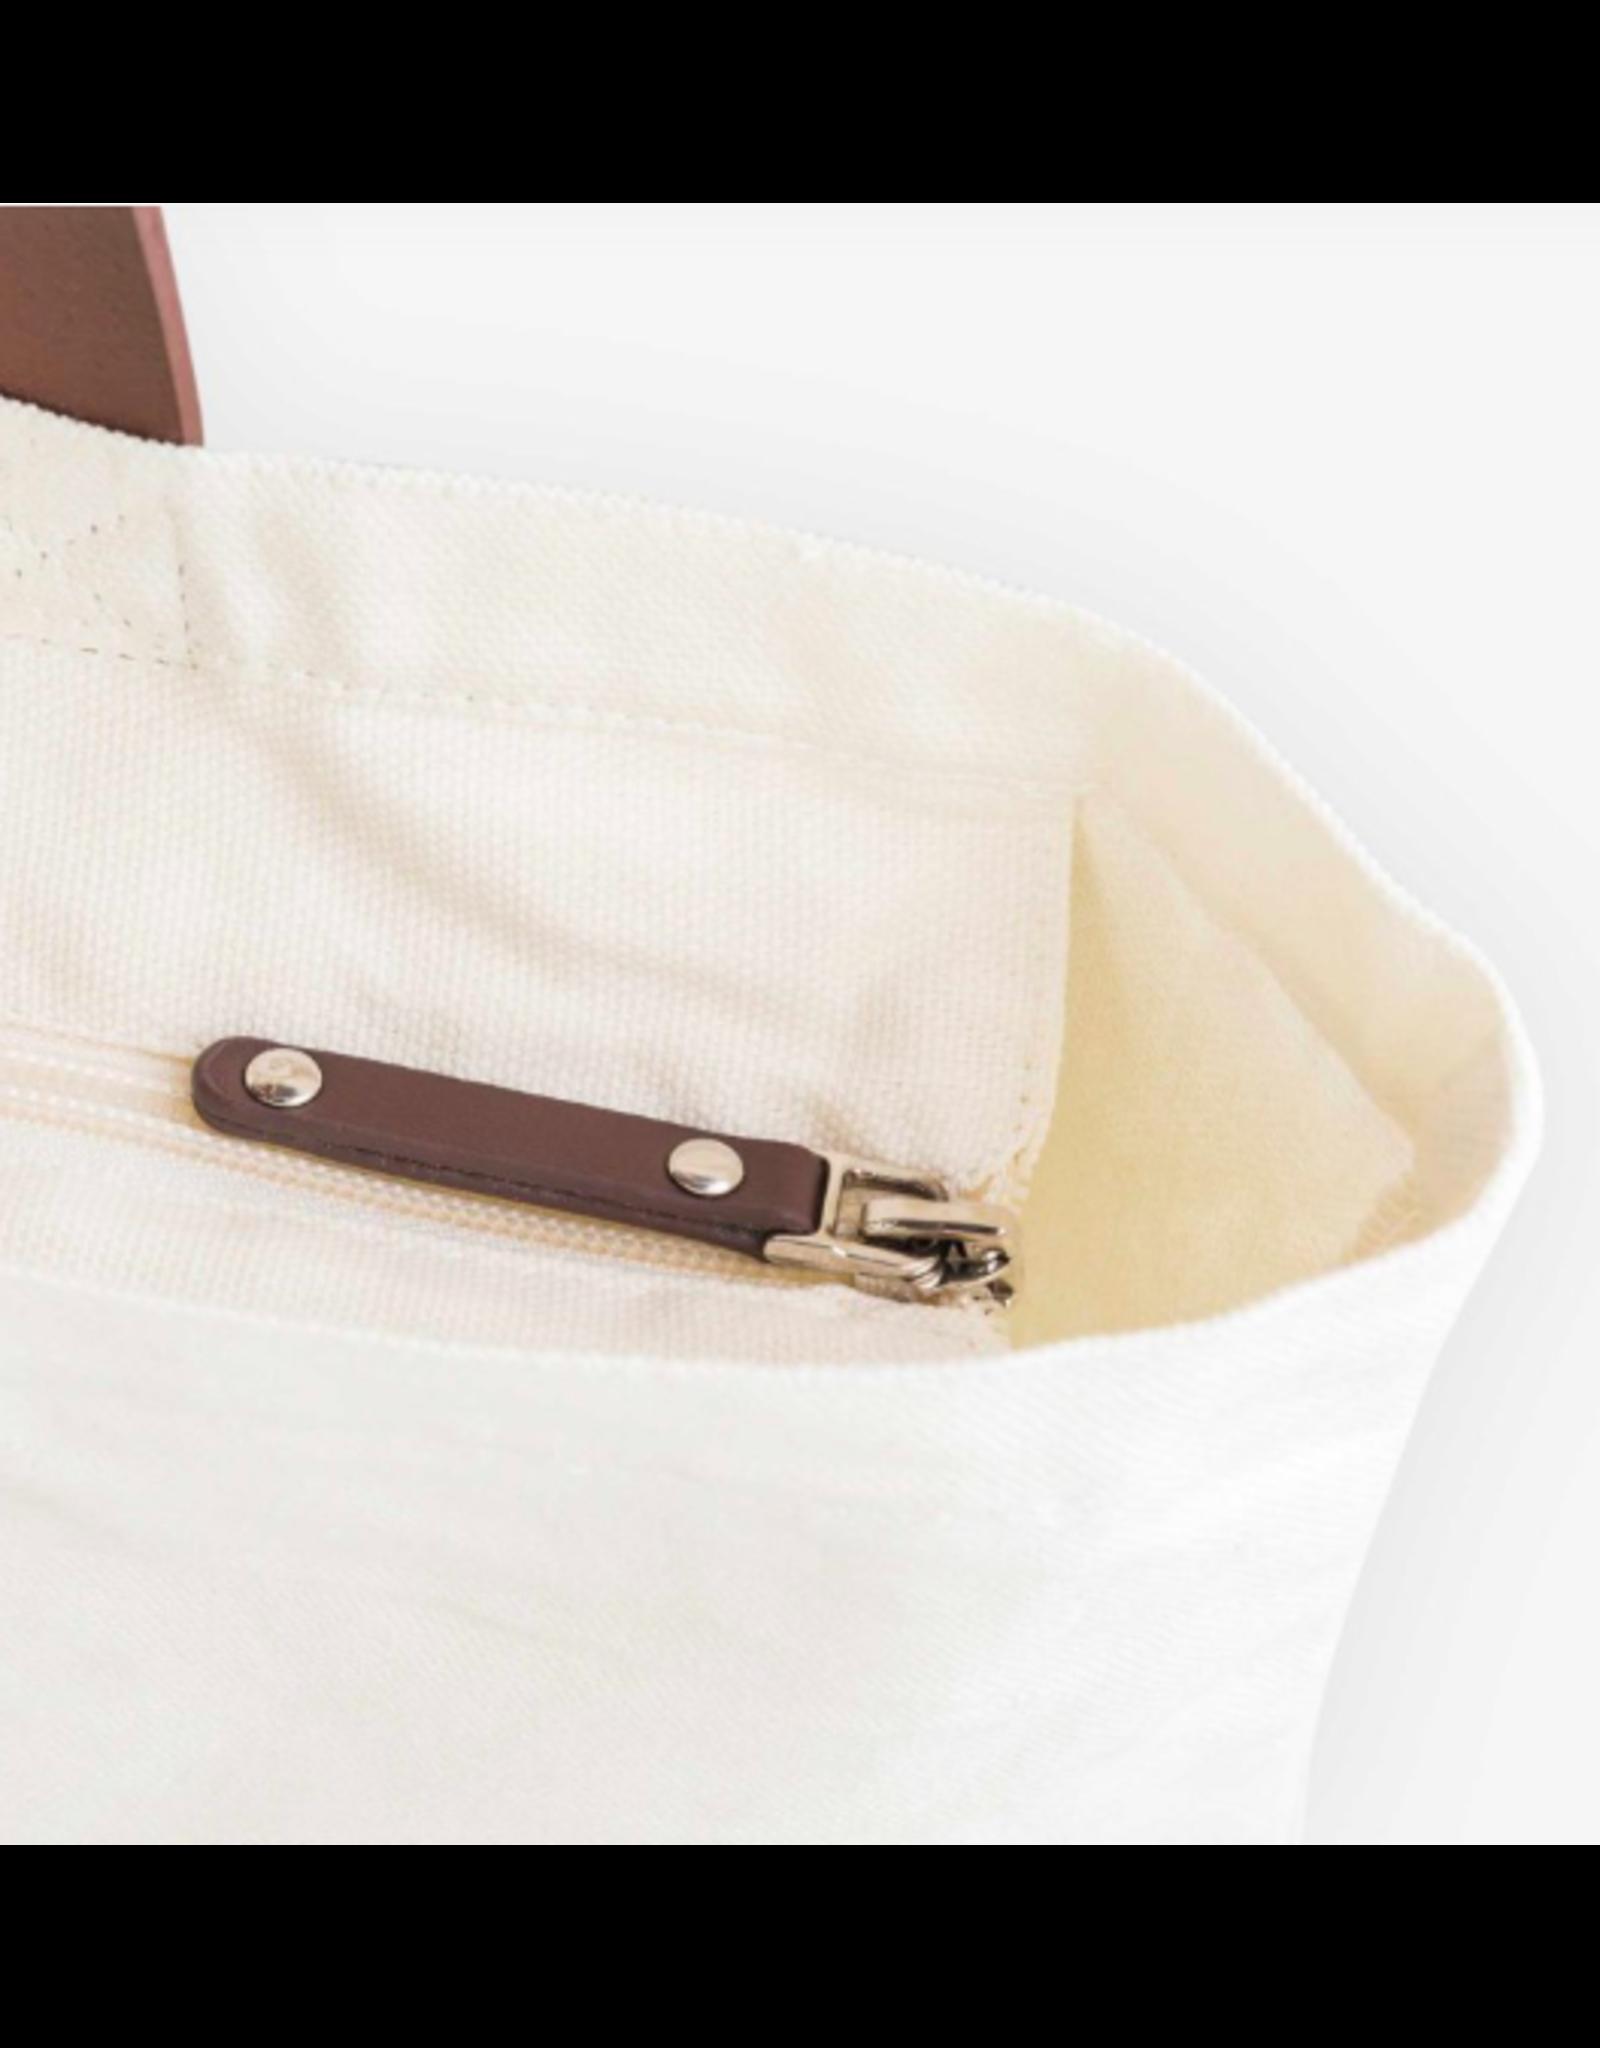 Legami bag - traveller